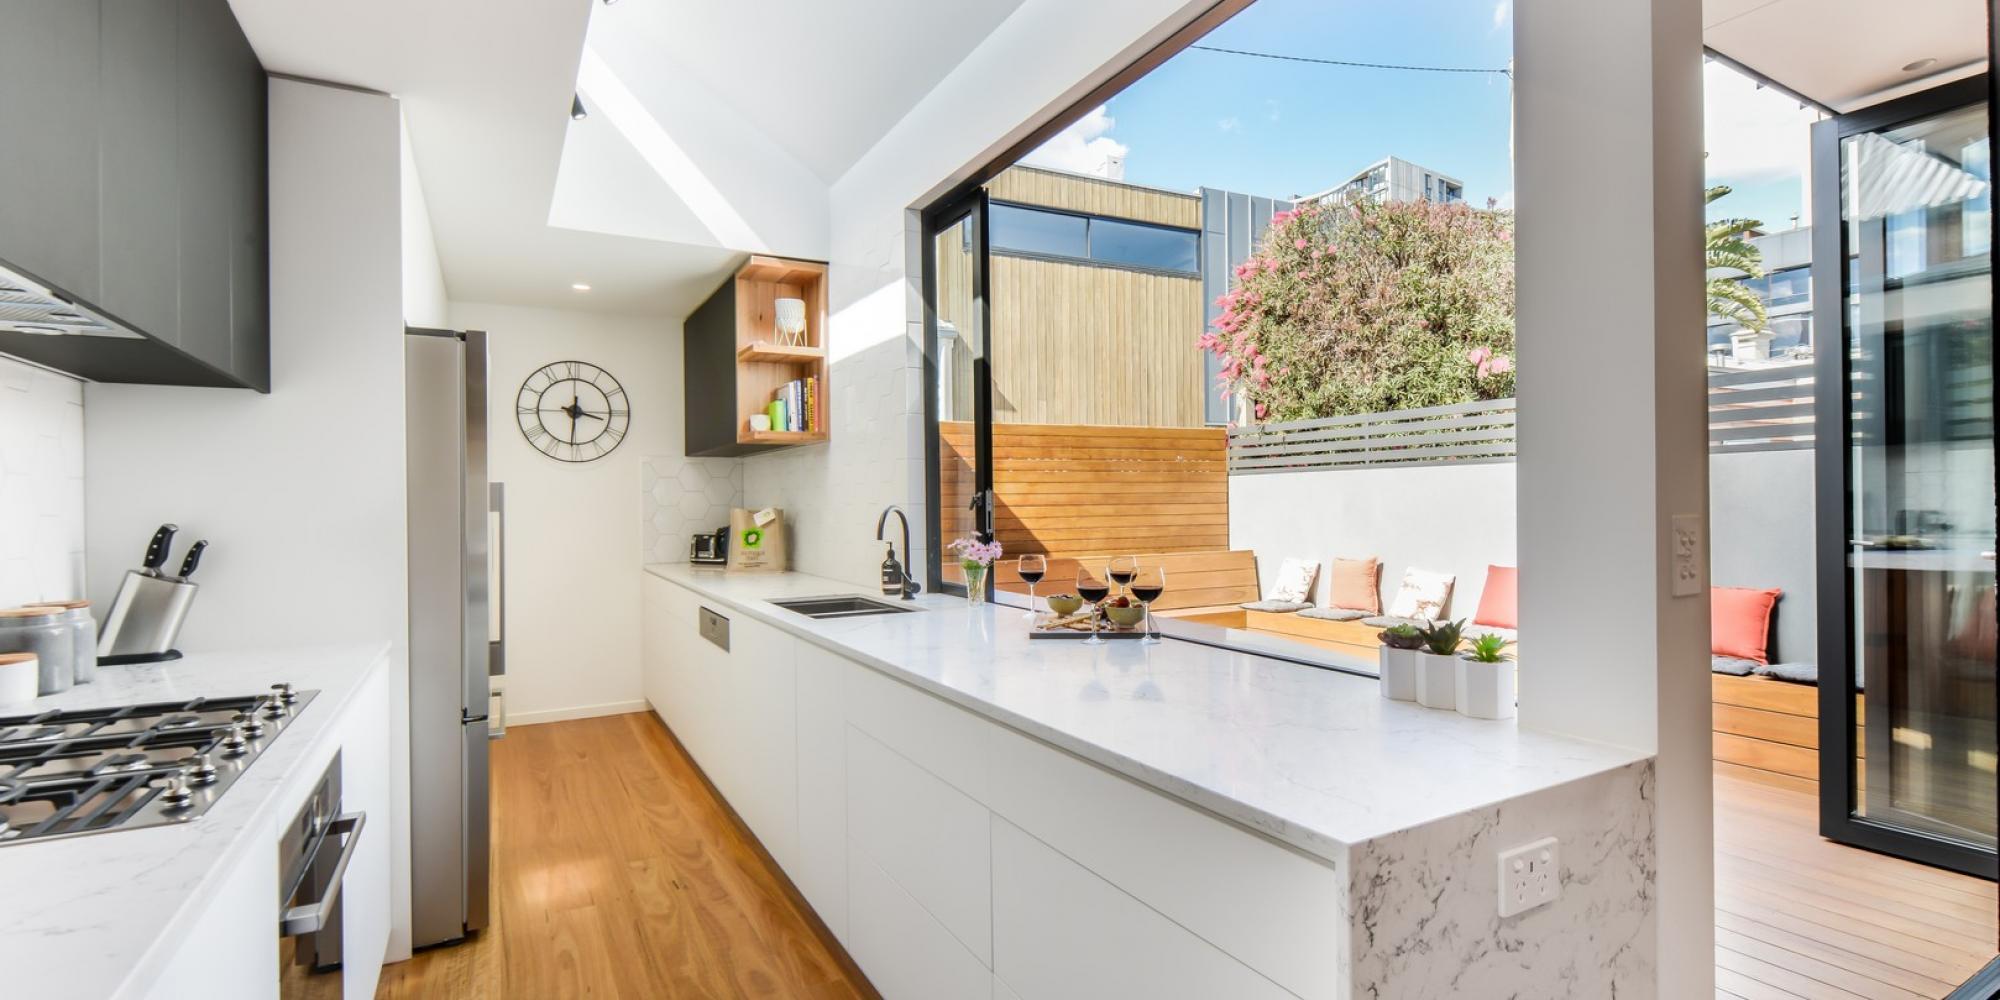 Tremendous Boutique Stays Short Long Term Serviced Homes Melbourne Download Free Architecture Designs Estepponolmadebymaigaardcom